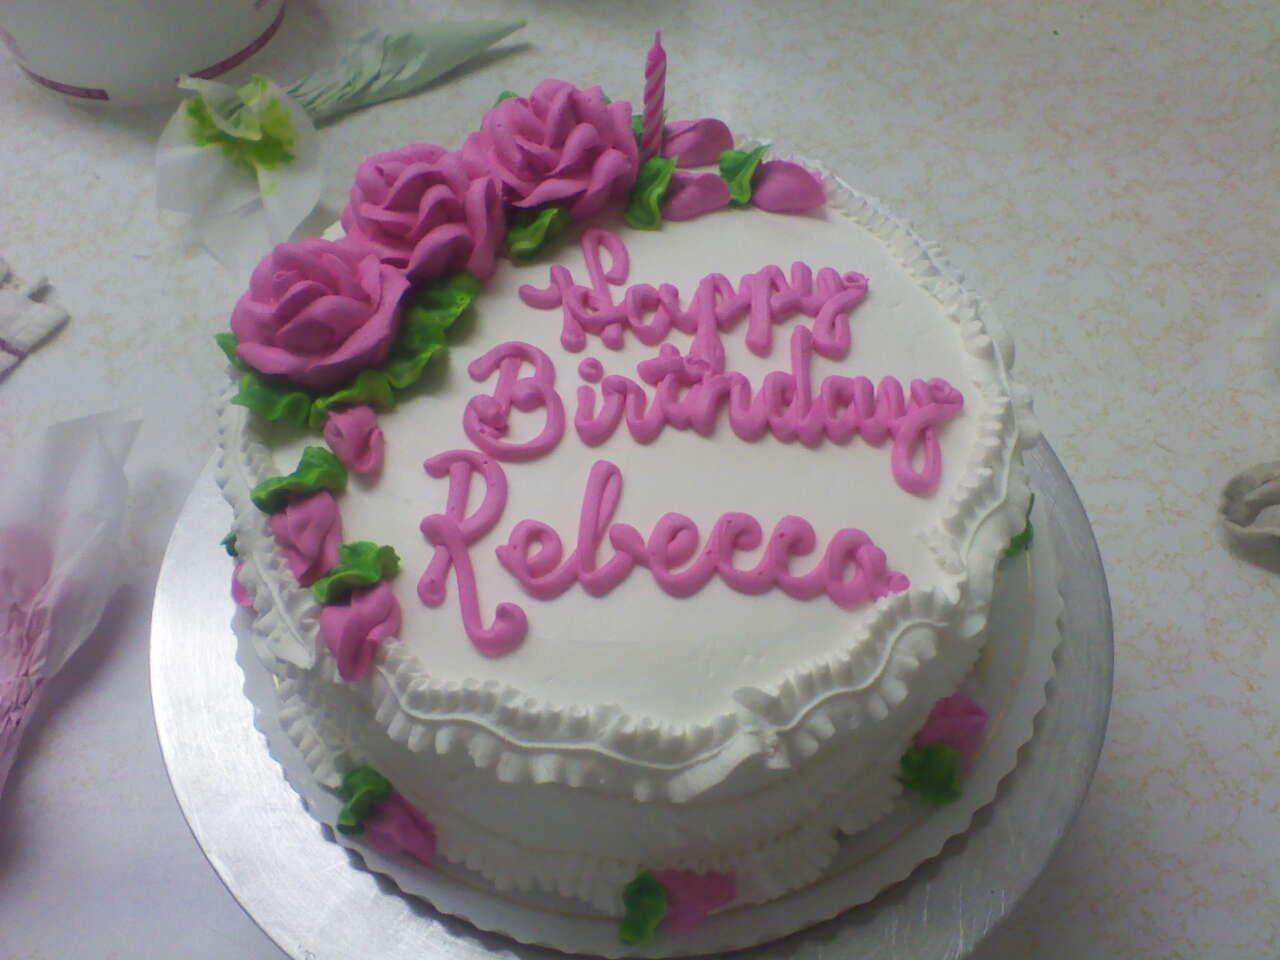 Happy Birthday Rebecca Cakes